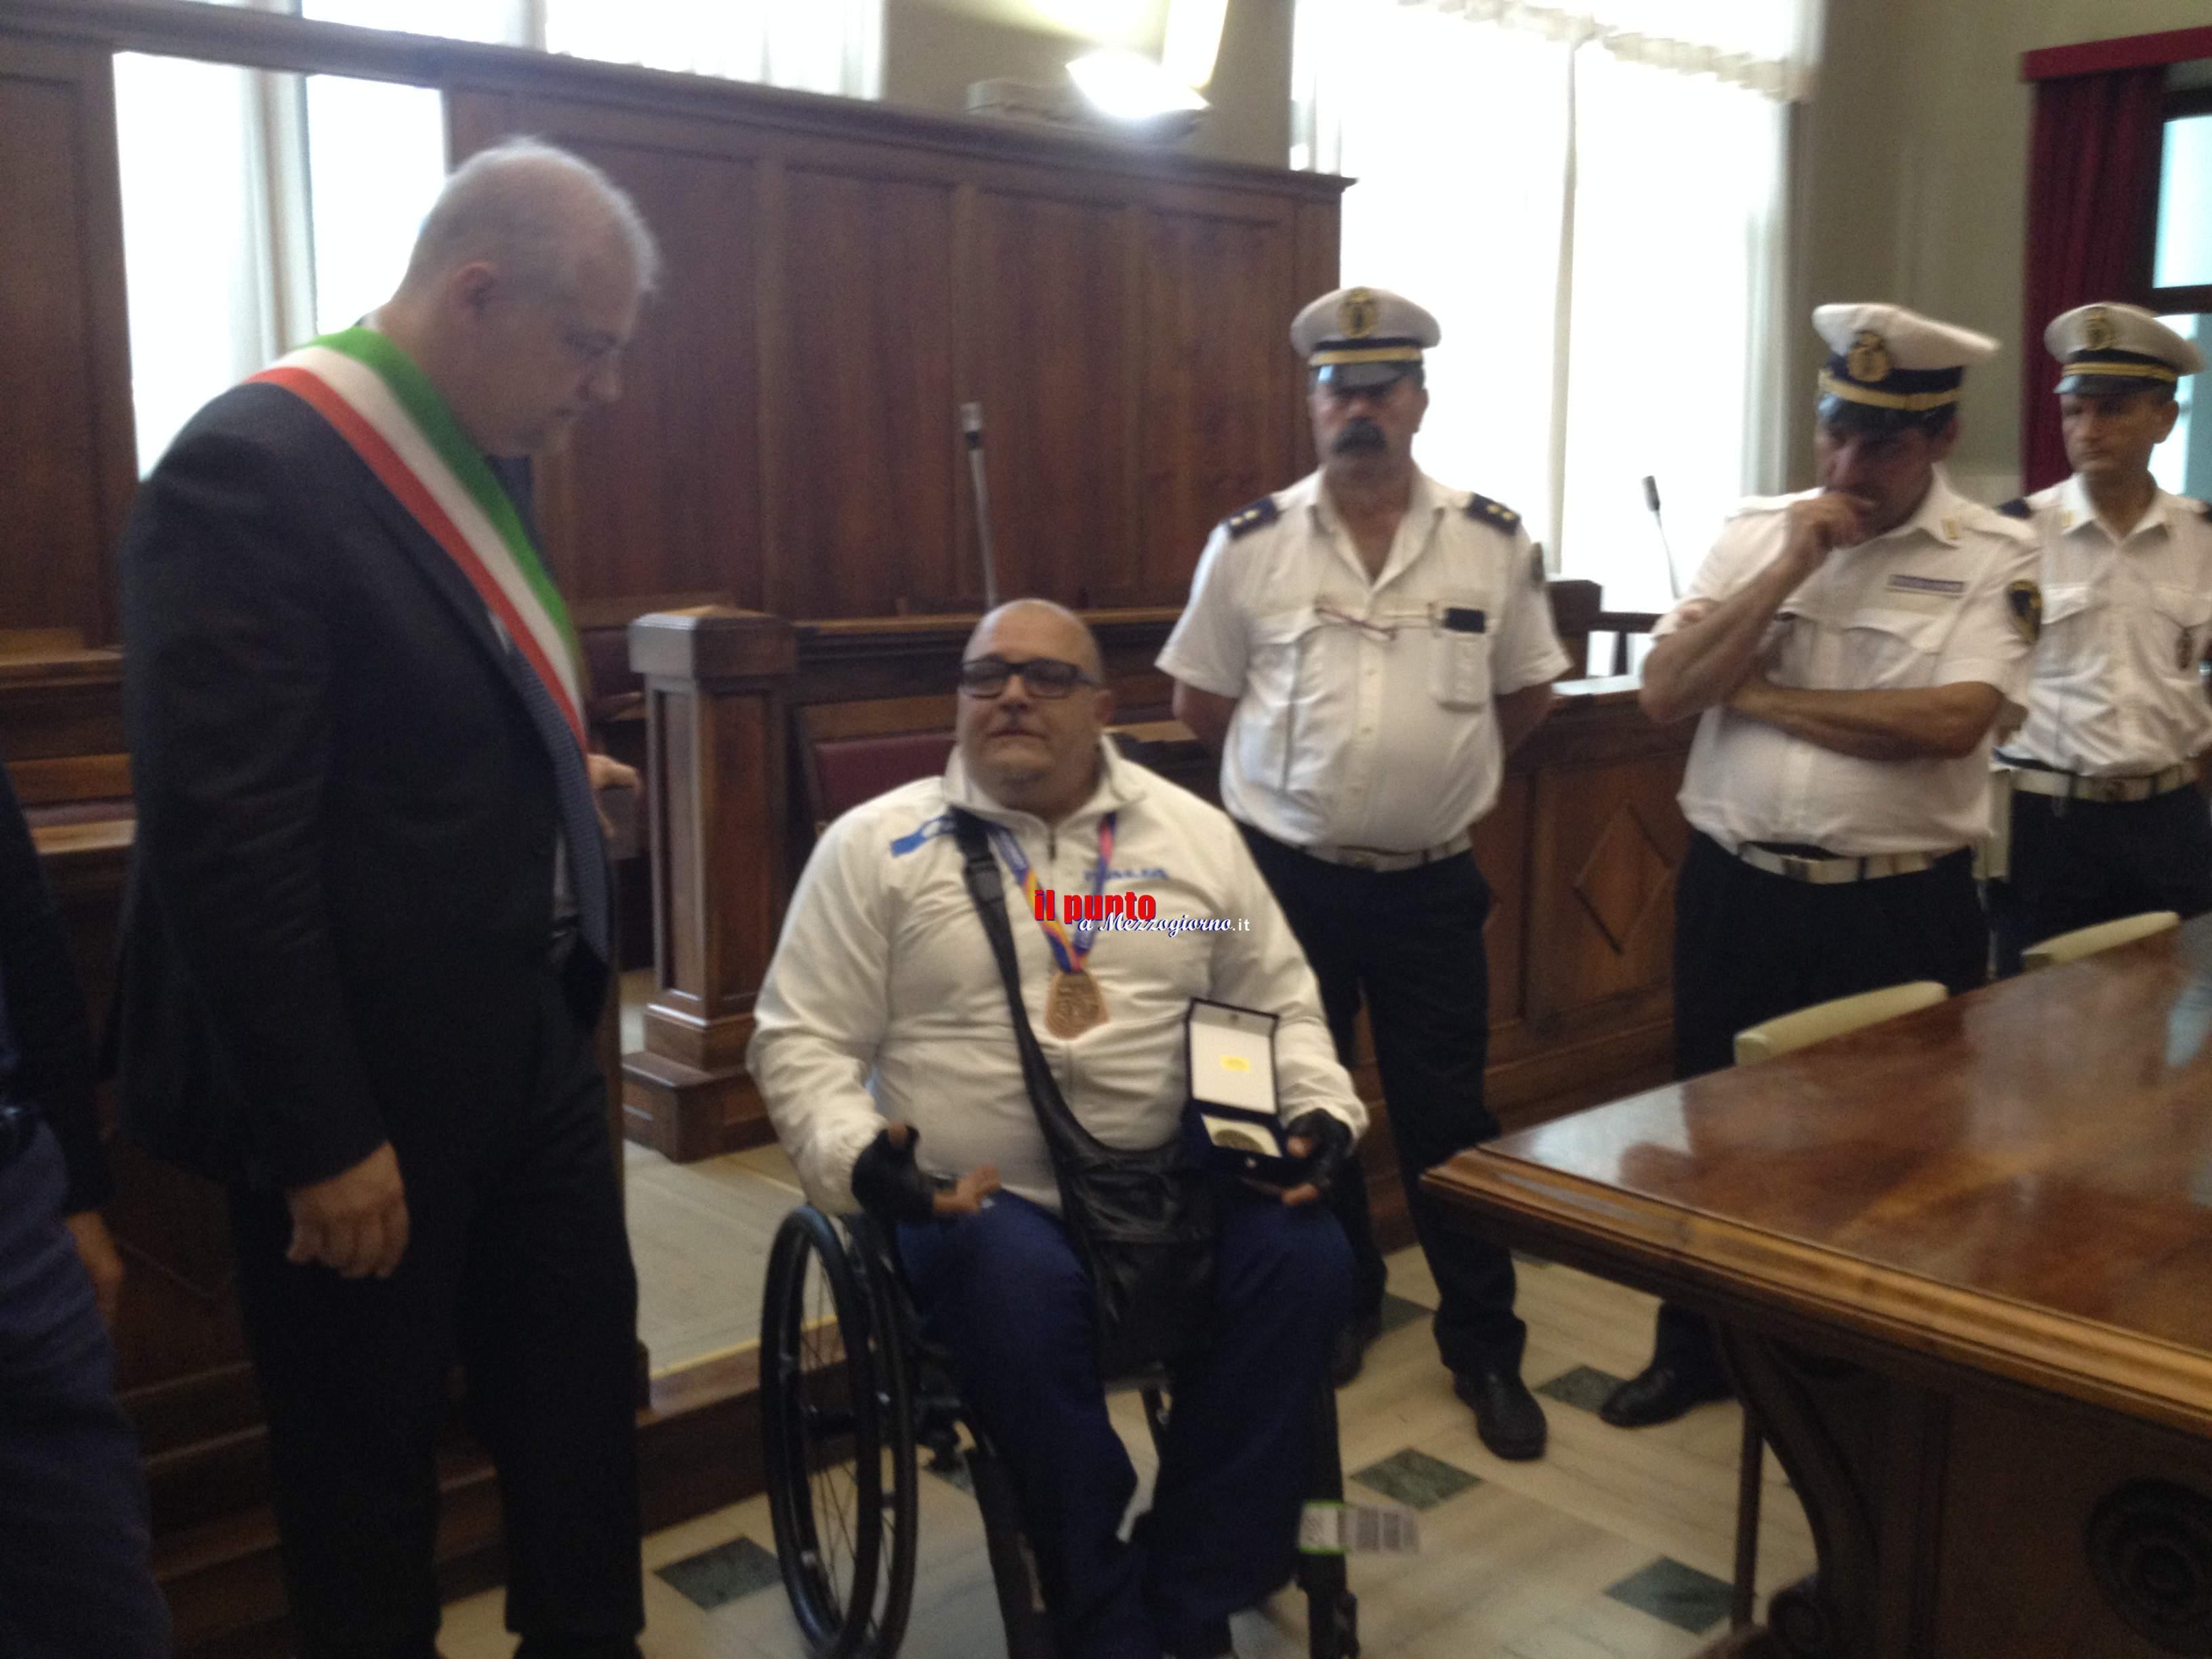 Medaglia mondiale di bronzo per Joe, il colonnello atleta